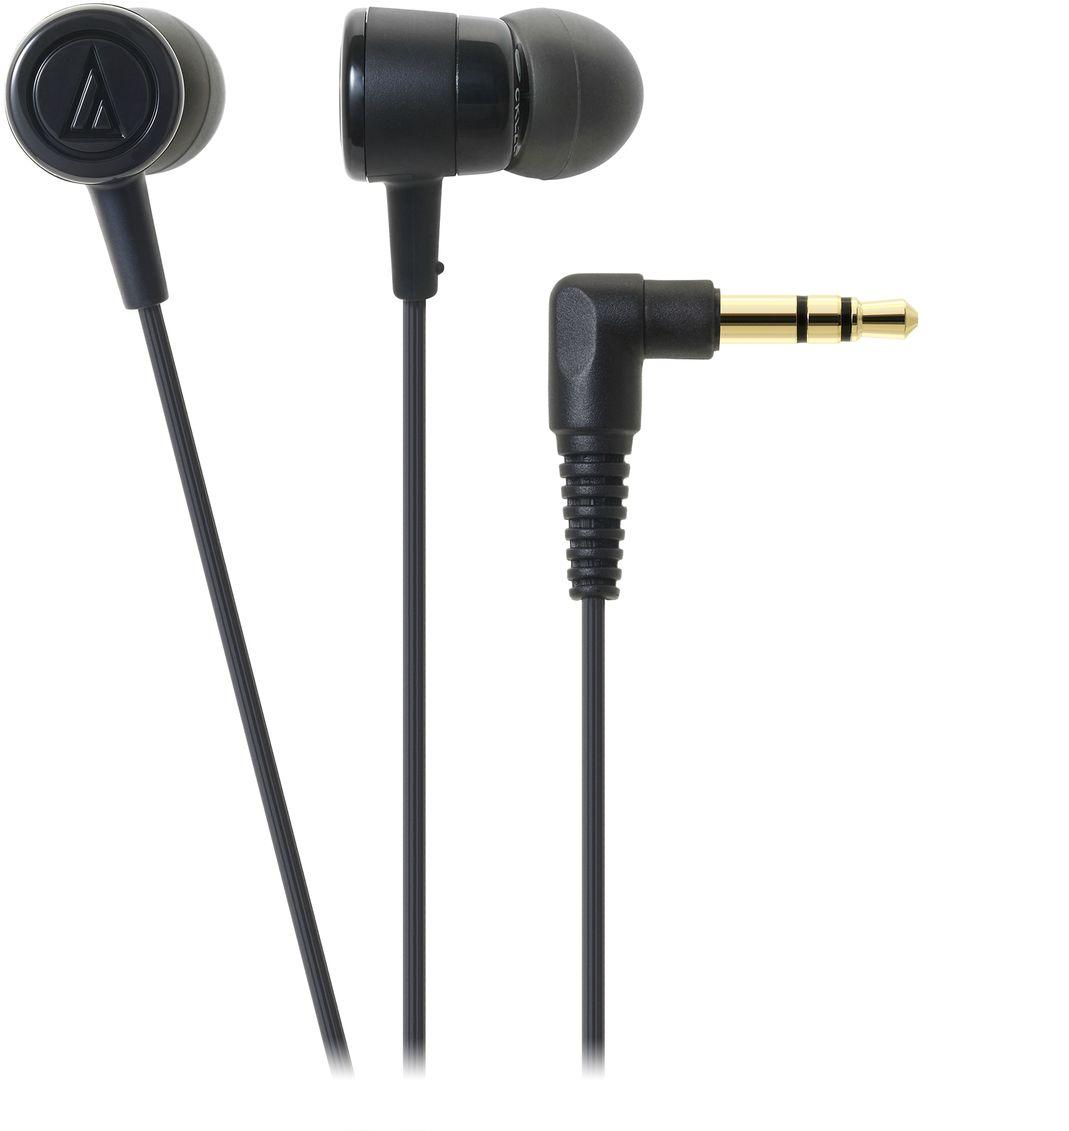 Audio-Technica ATH-CKL220, Black наушники15118395Вставные наушники Audio-Technica ATH-CKL220 являются обновлённой версией модели ATH-CKL202. Это универсальные вставки с пассивной шумоизоляцией, предназначенные для каждодневного использования как с портативной техникой, так и другими устройствами.Драйверы диаметром 8,5 мм обеспечивают качественный звук для всех музыкальных жанров. Эргономичный дизайн вставных амбушюров гарантирует комфортную посадку. Данная модель также имеет кабель с защитой от спутывания, экранировкой от шумов и механически изменяемой длиной натяжения.